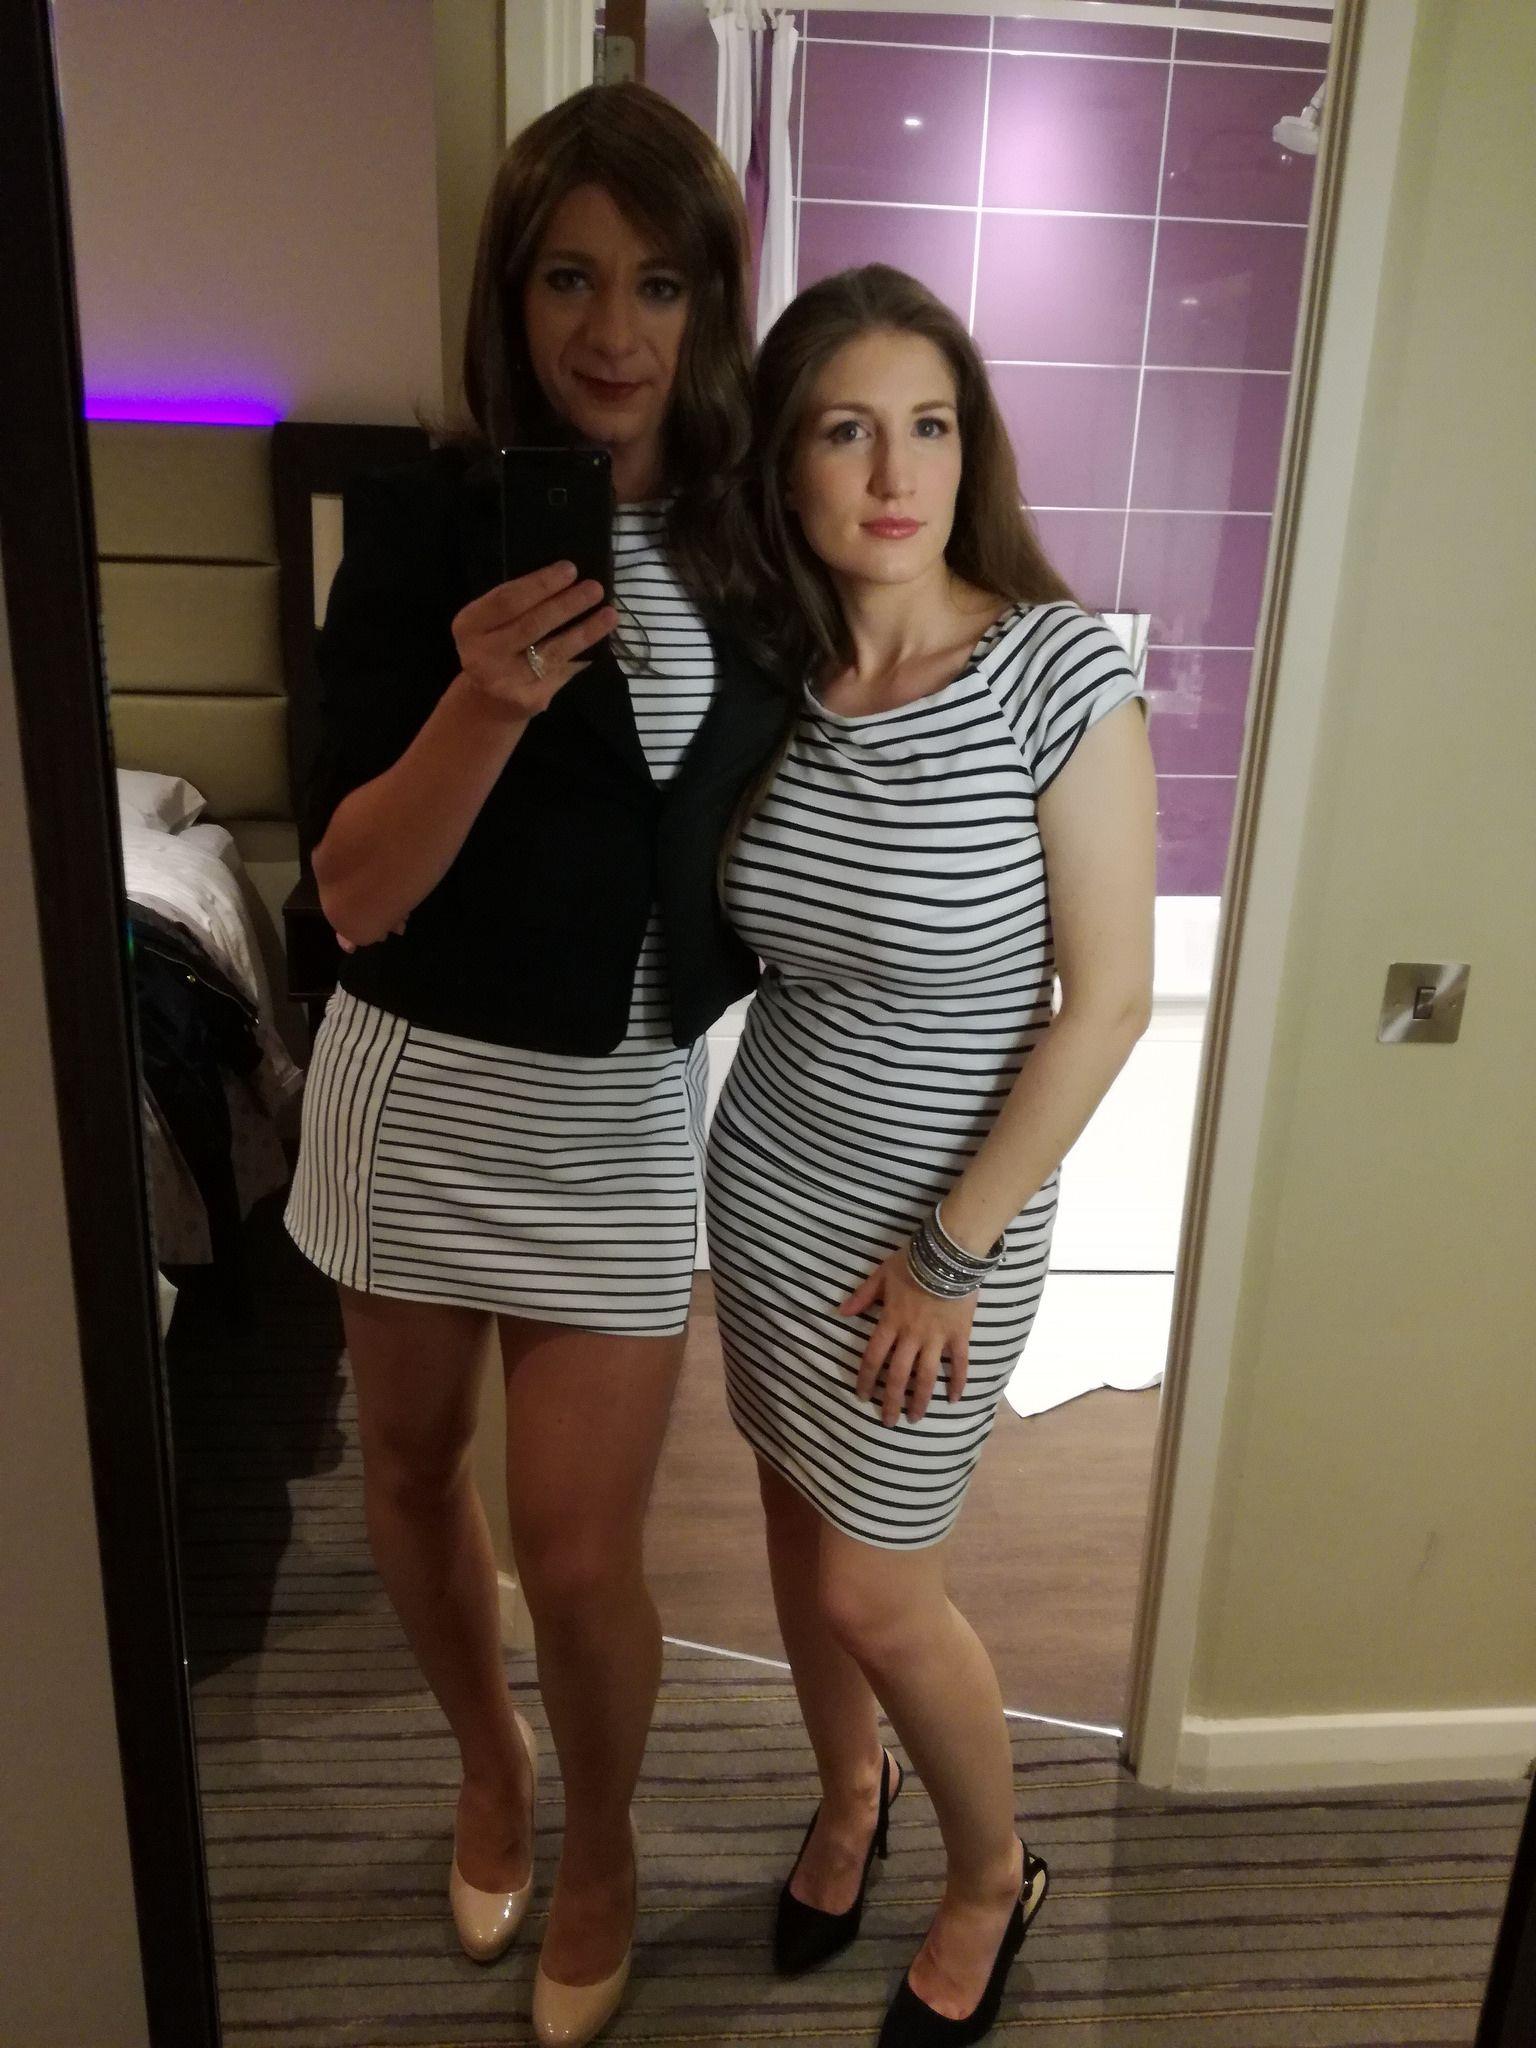 Baby sitter twins porn